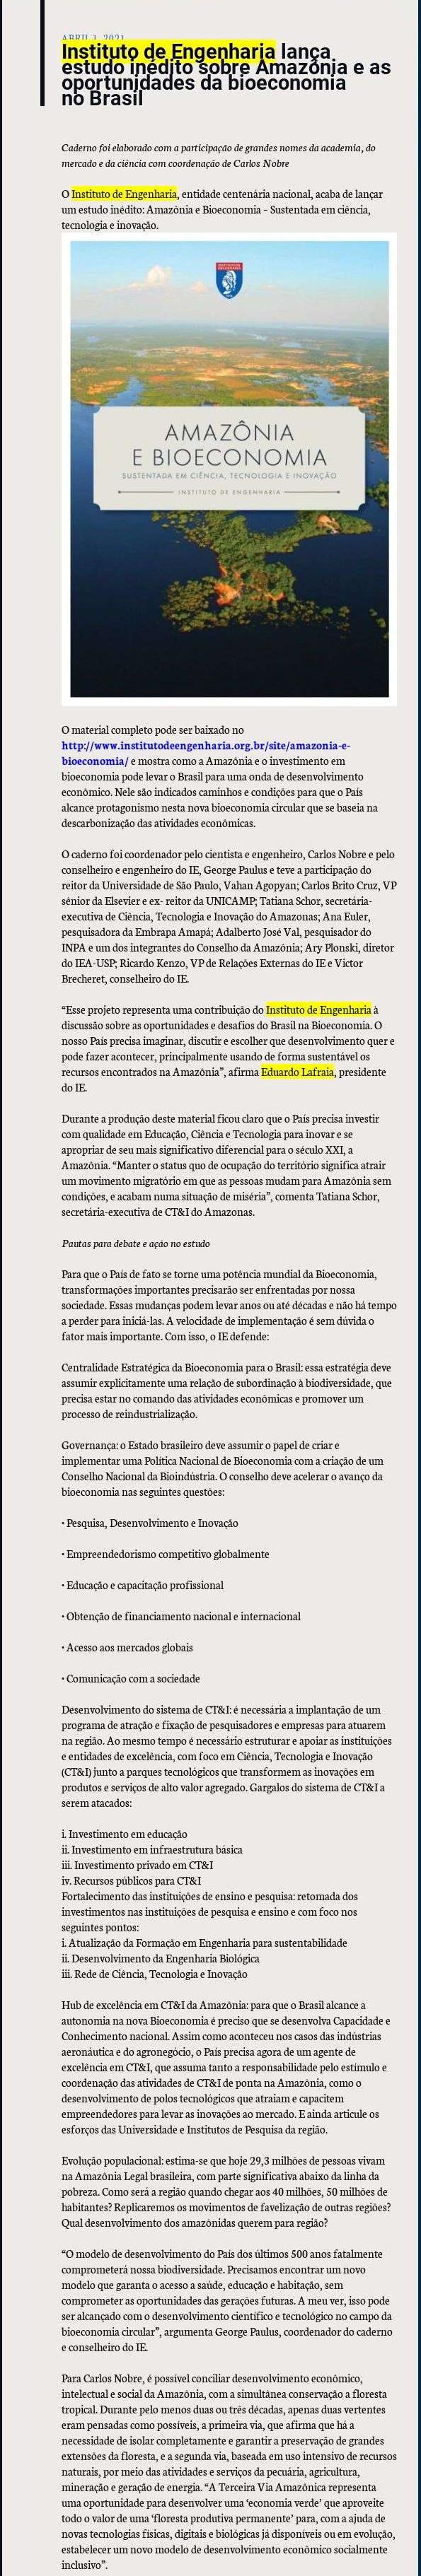 Instituto de Engenharia lança estudo inédito sobre Amazônia e as oportunidades da bioeconomia no Brasil - Blog do Pedlowski